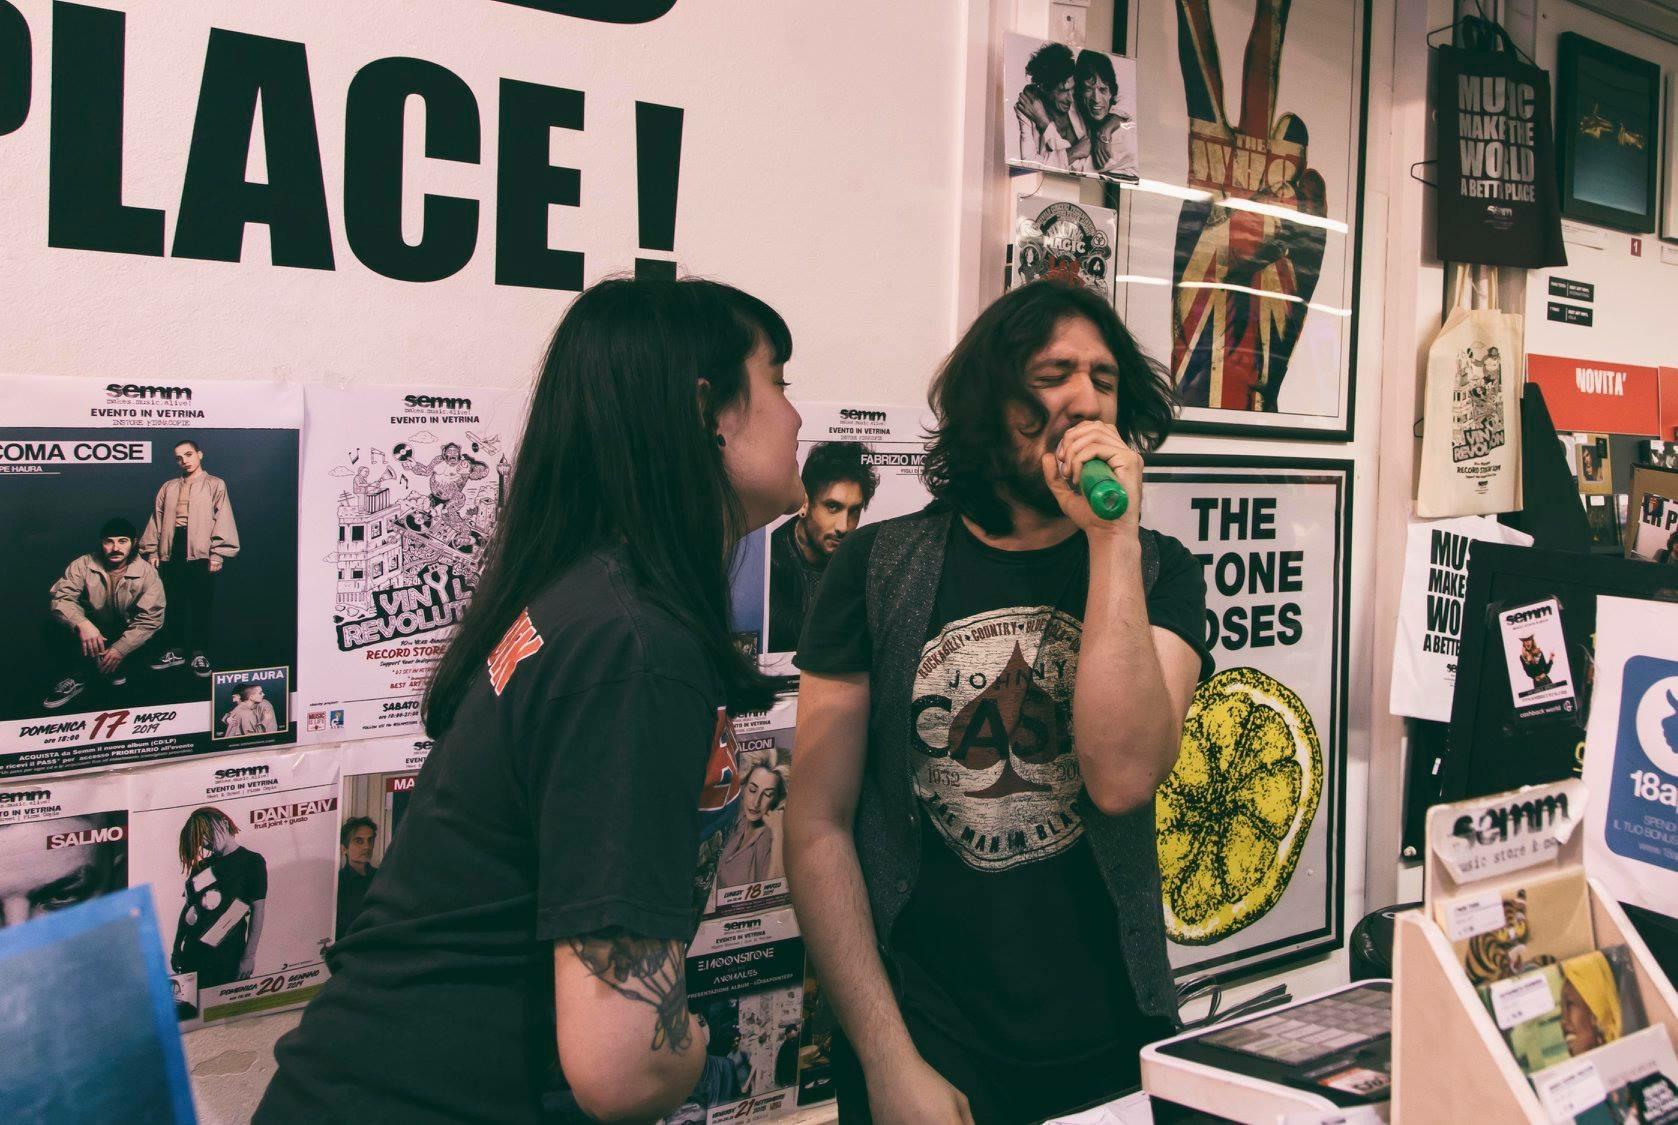 Semm Store Staff Giada e Riccardo